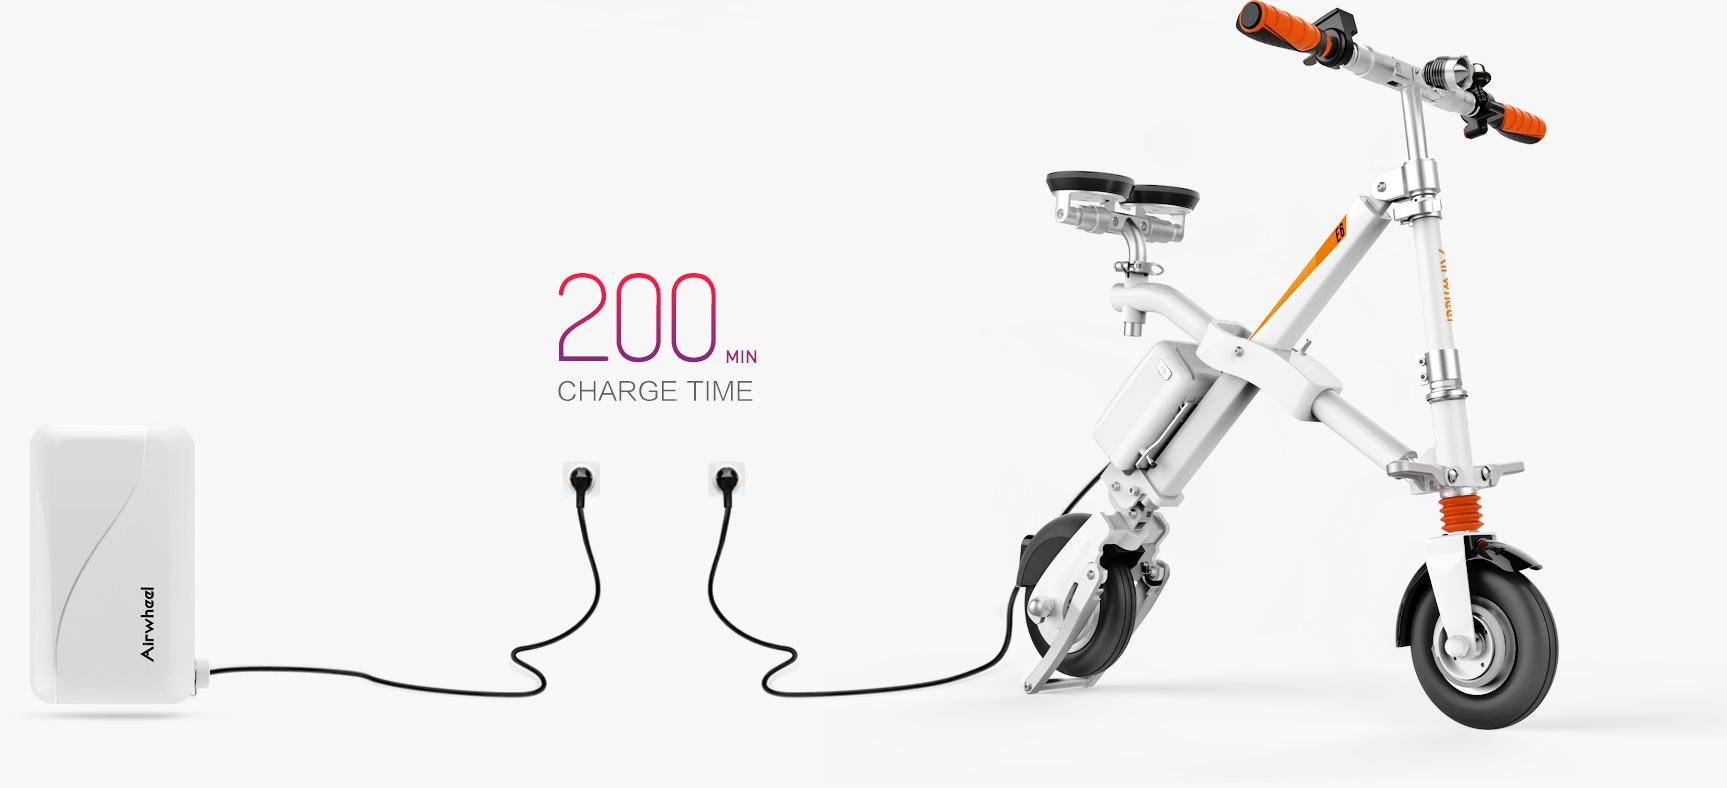 Airwheel E6 smart ebike for sale